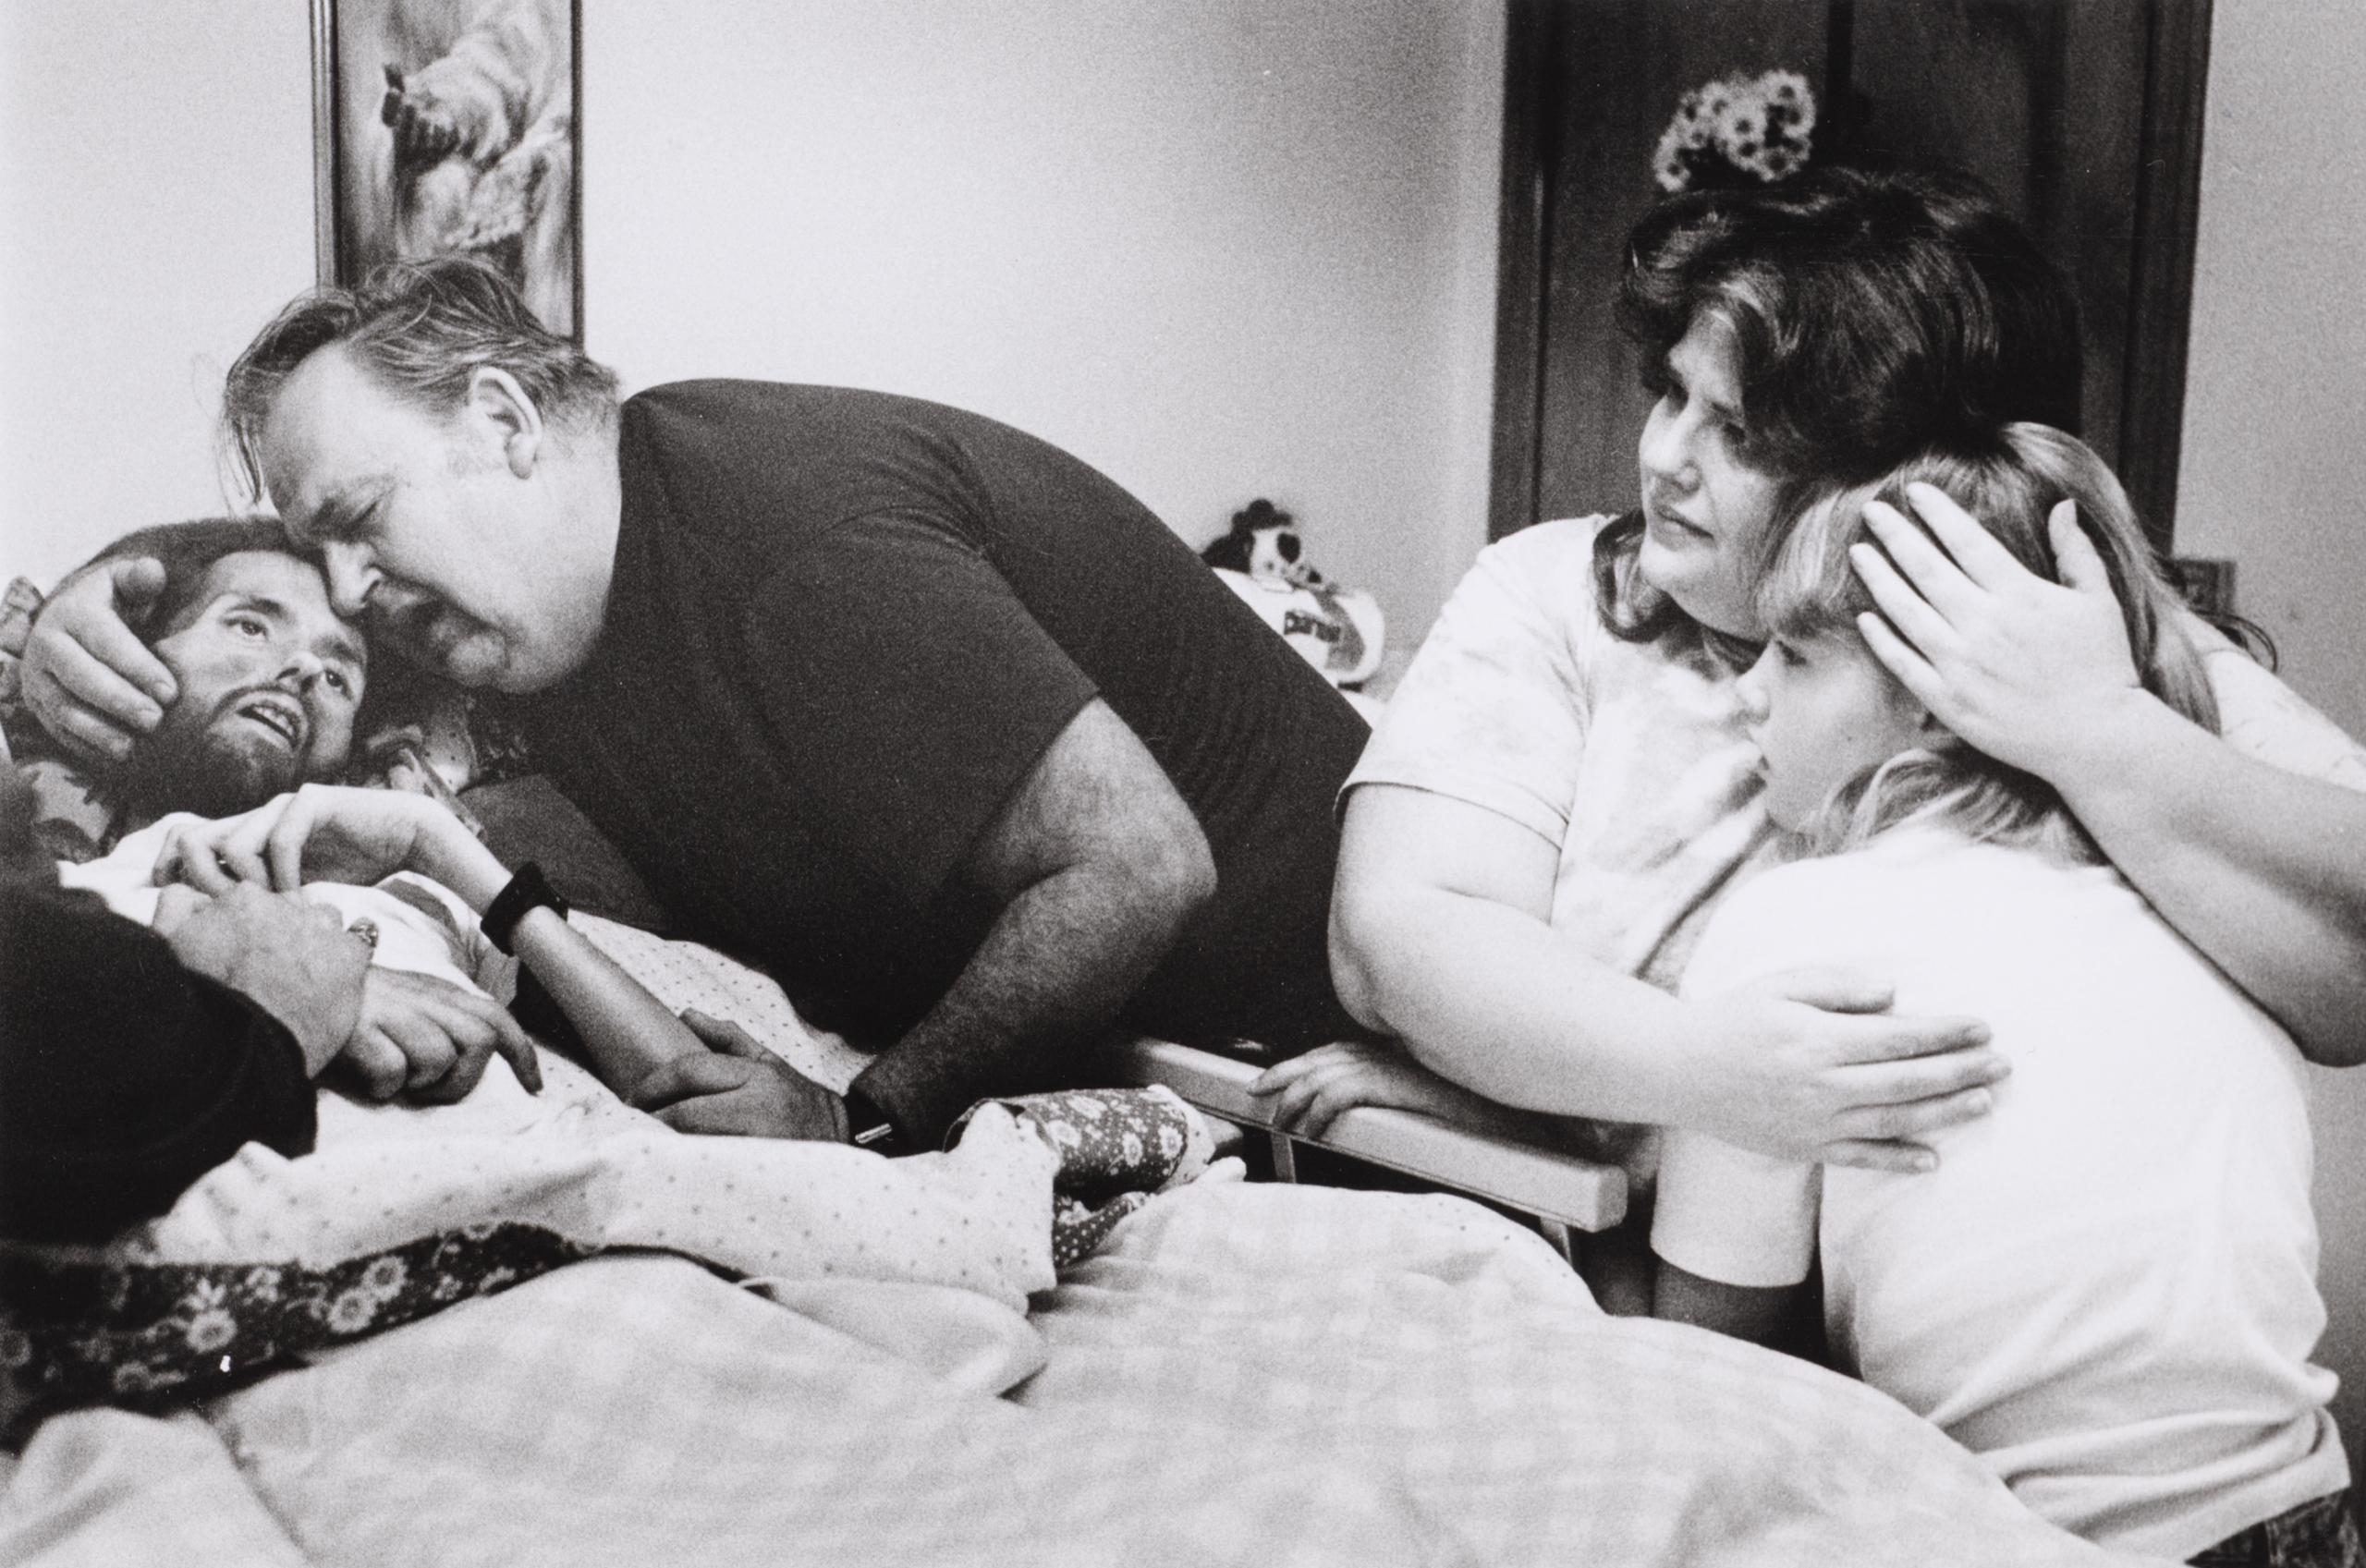 Fotó: Therese Frare: David Kirby családja körében, 1990. május 5. © Therese Frare/Time Magazine